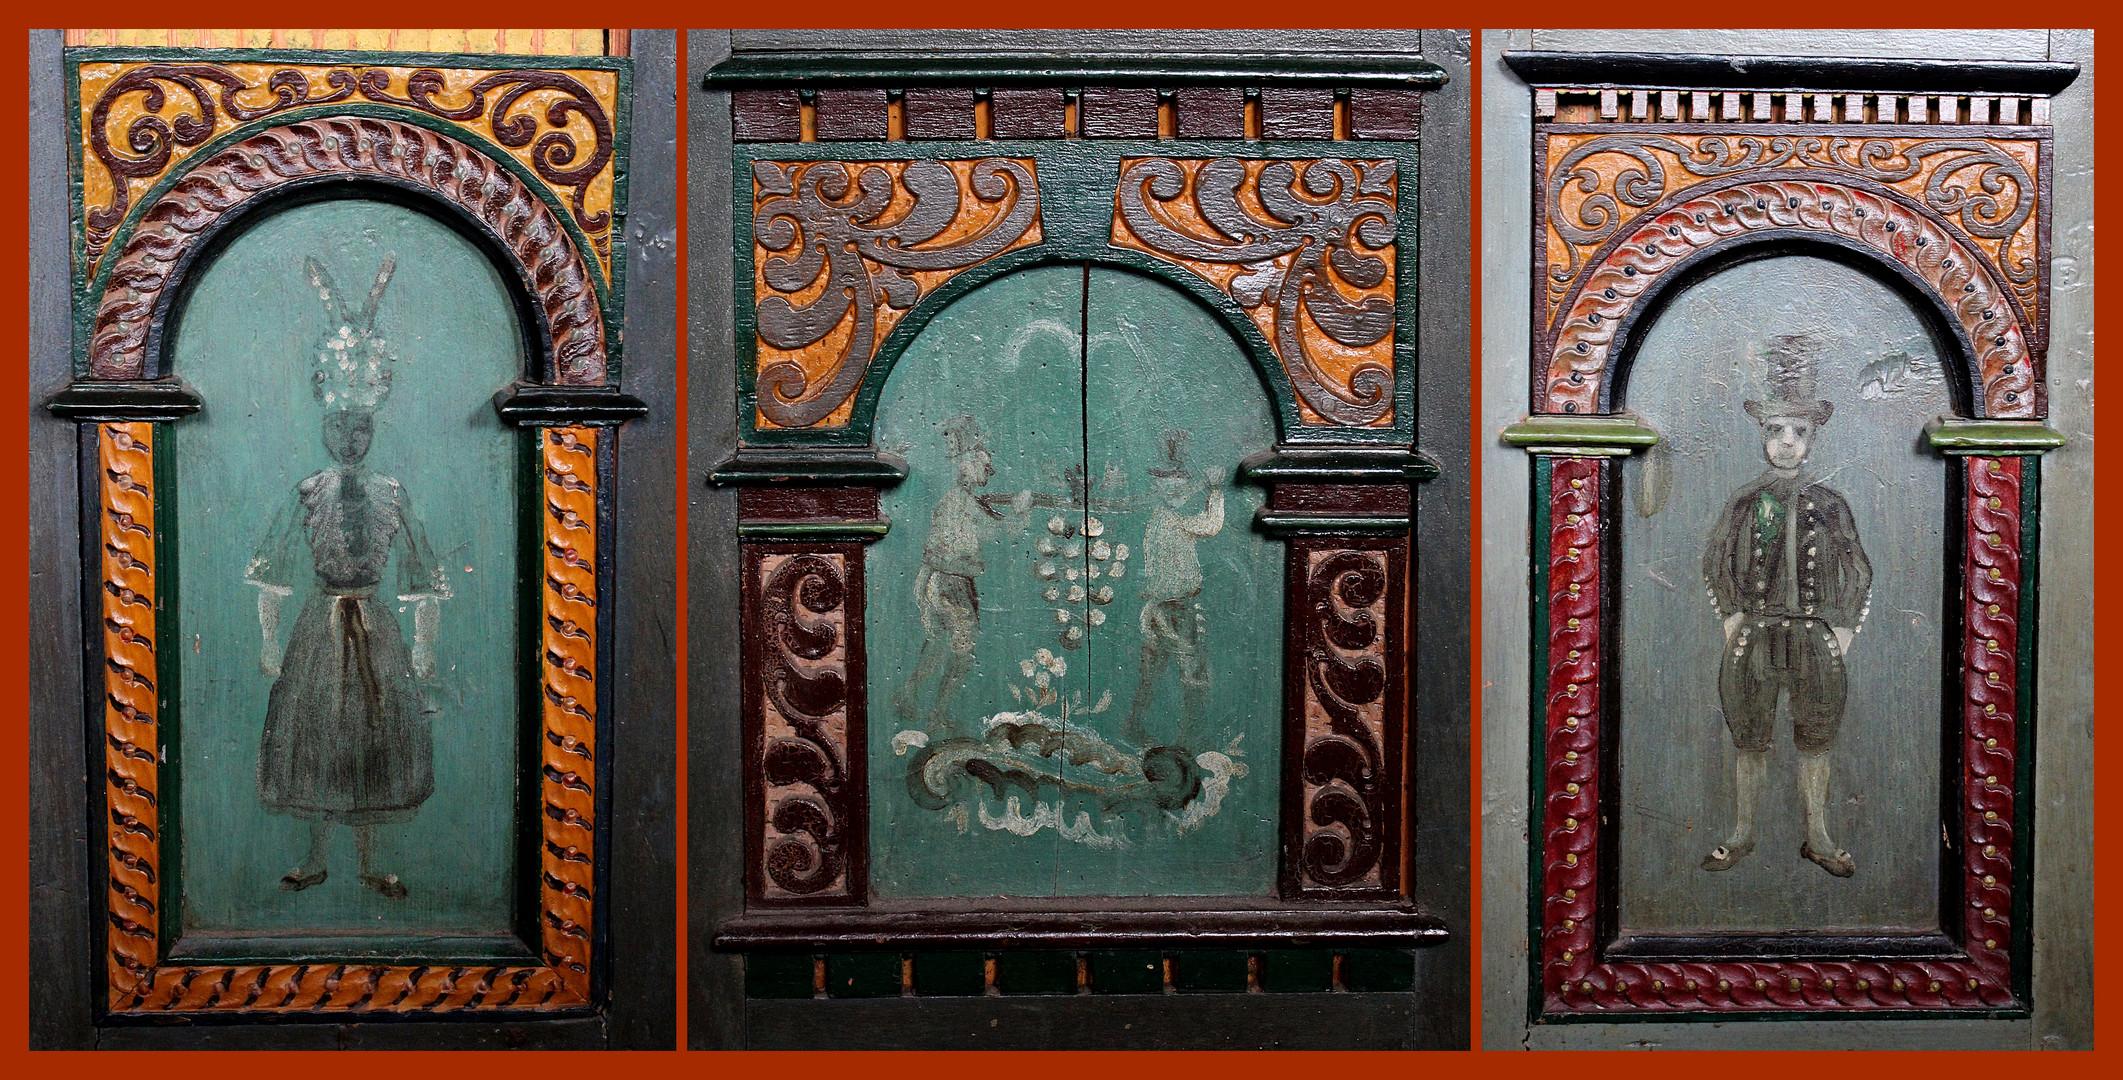 Bäuerliche Malerei in der St. Nicolaikirche in Borstel 1